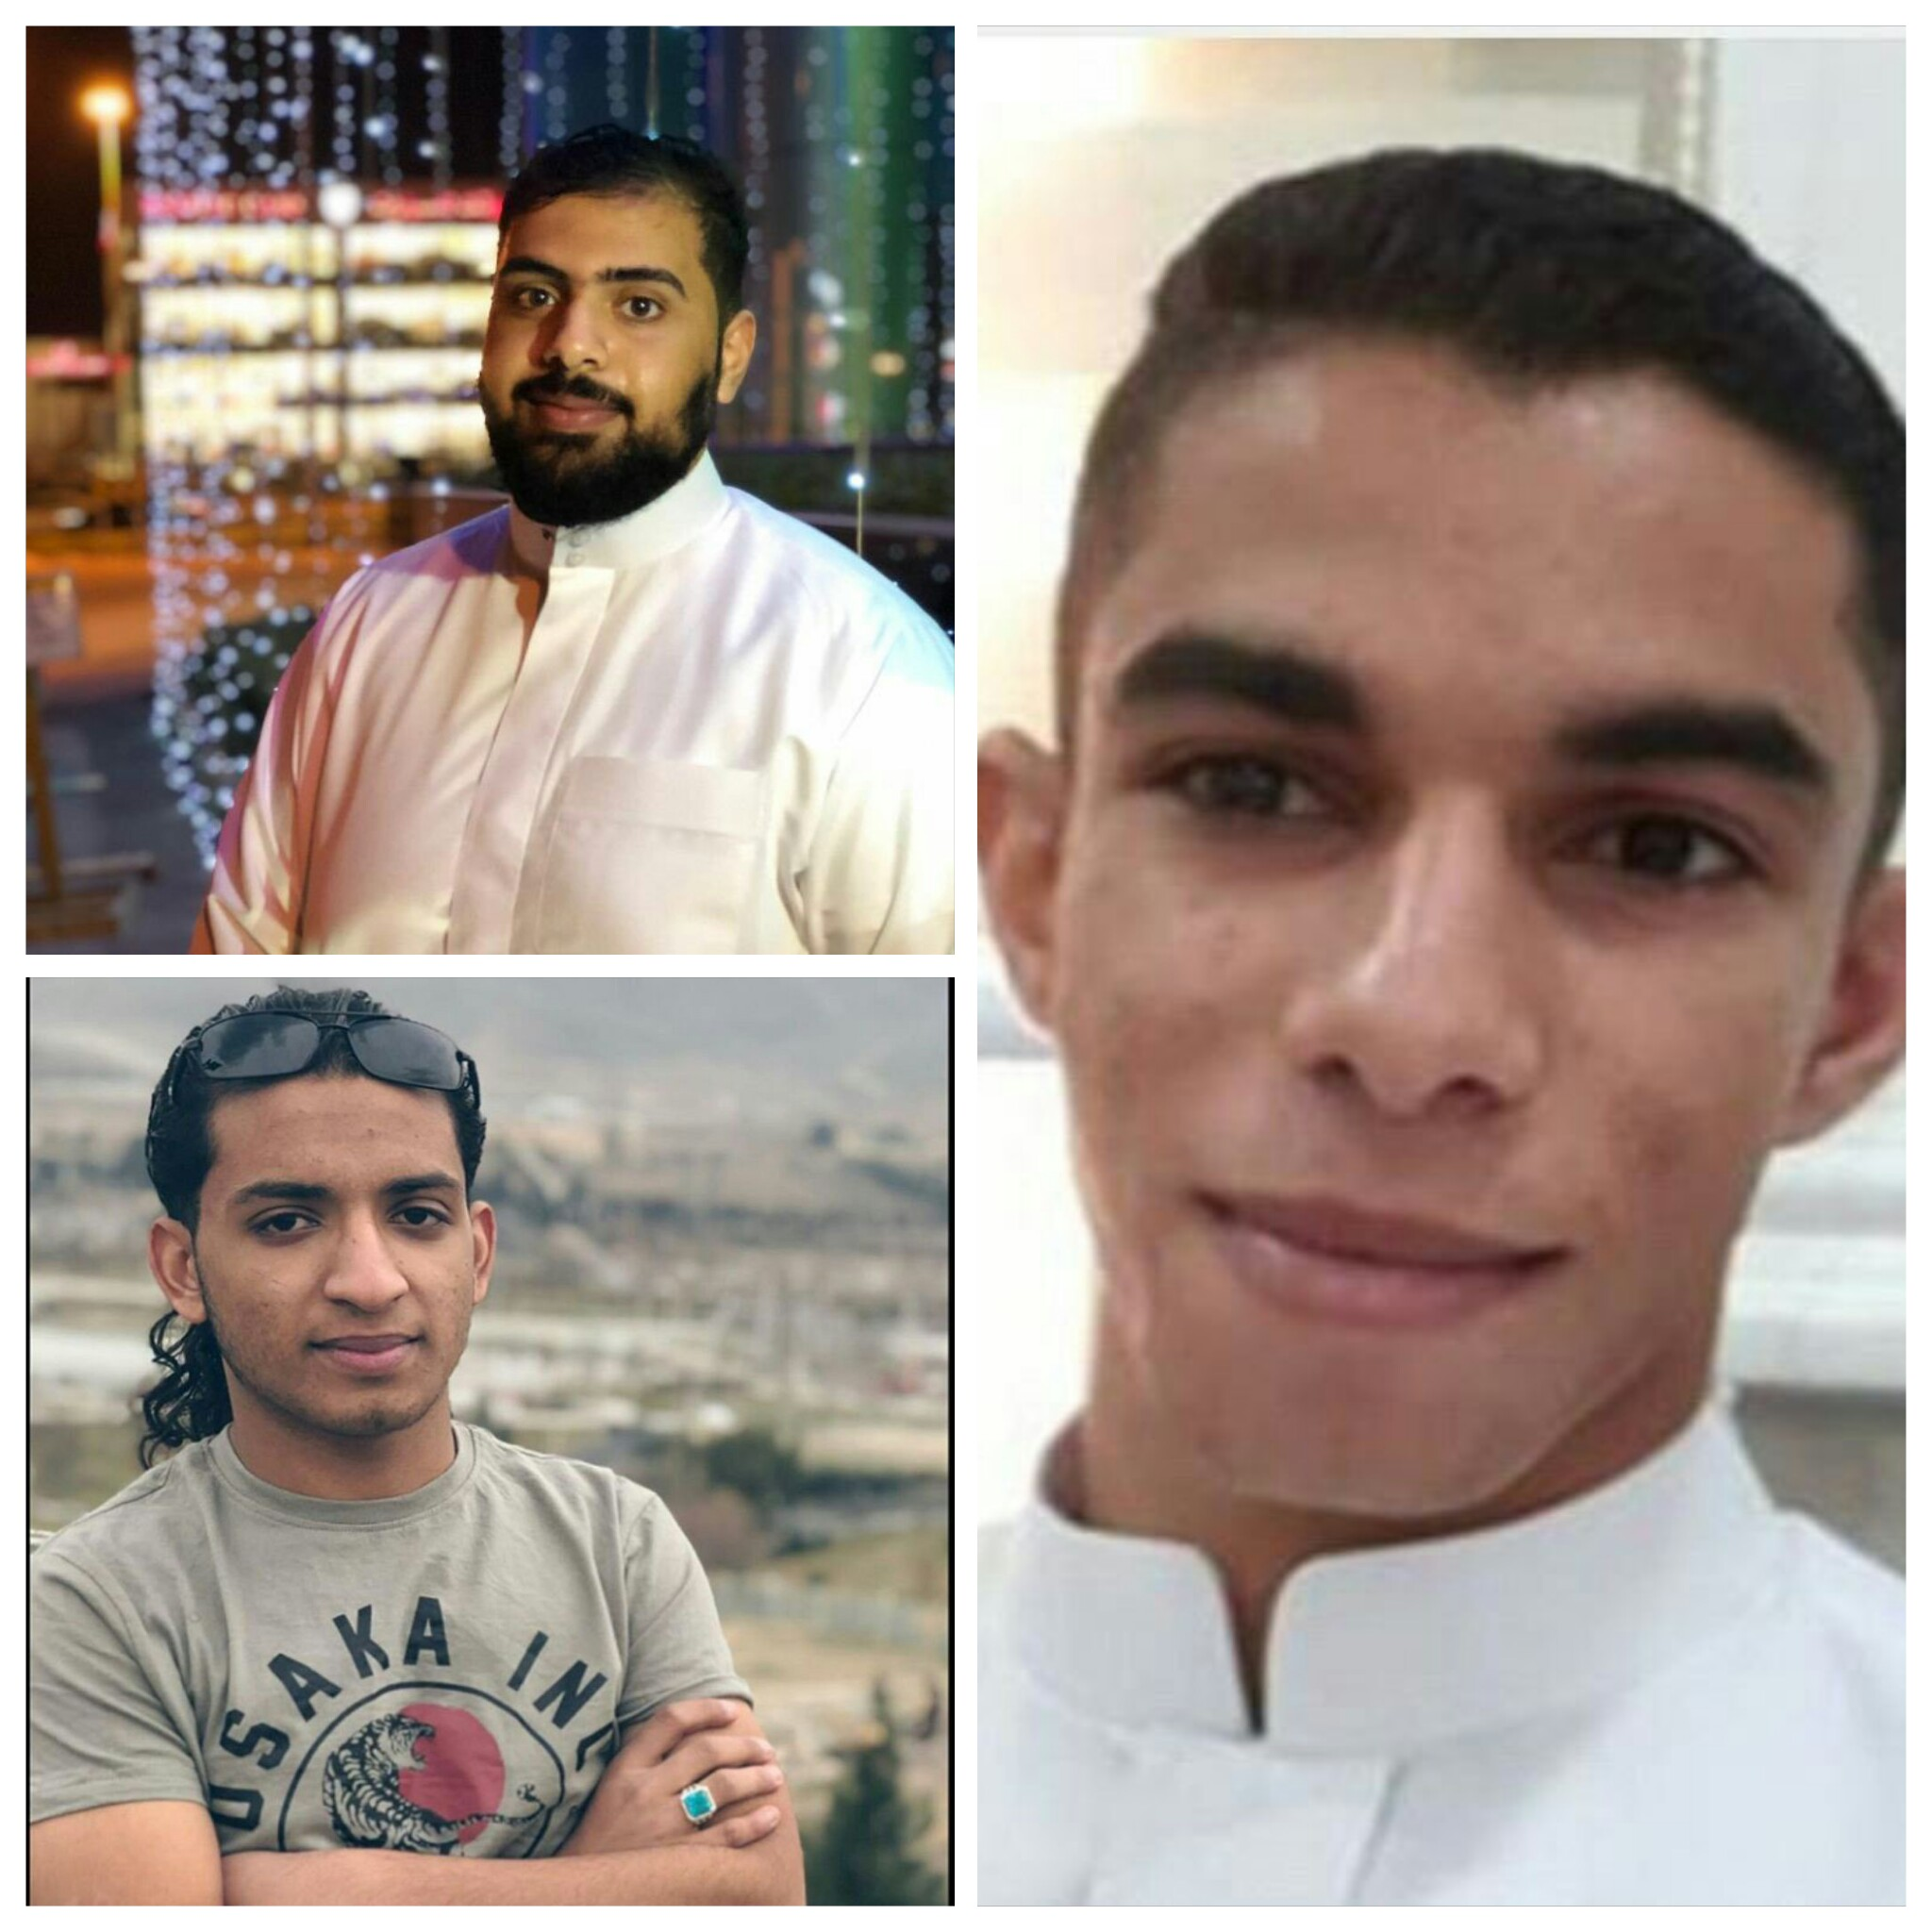 تأكيد اعتقال 3 شبّان من كرزكان الأسبوع الماضي